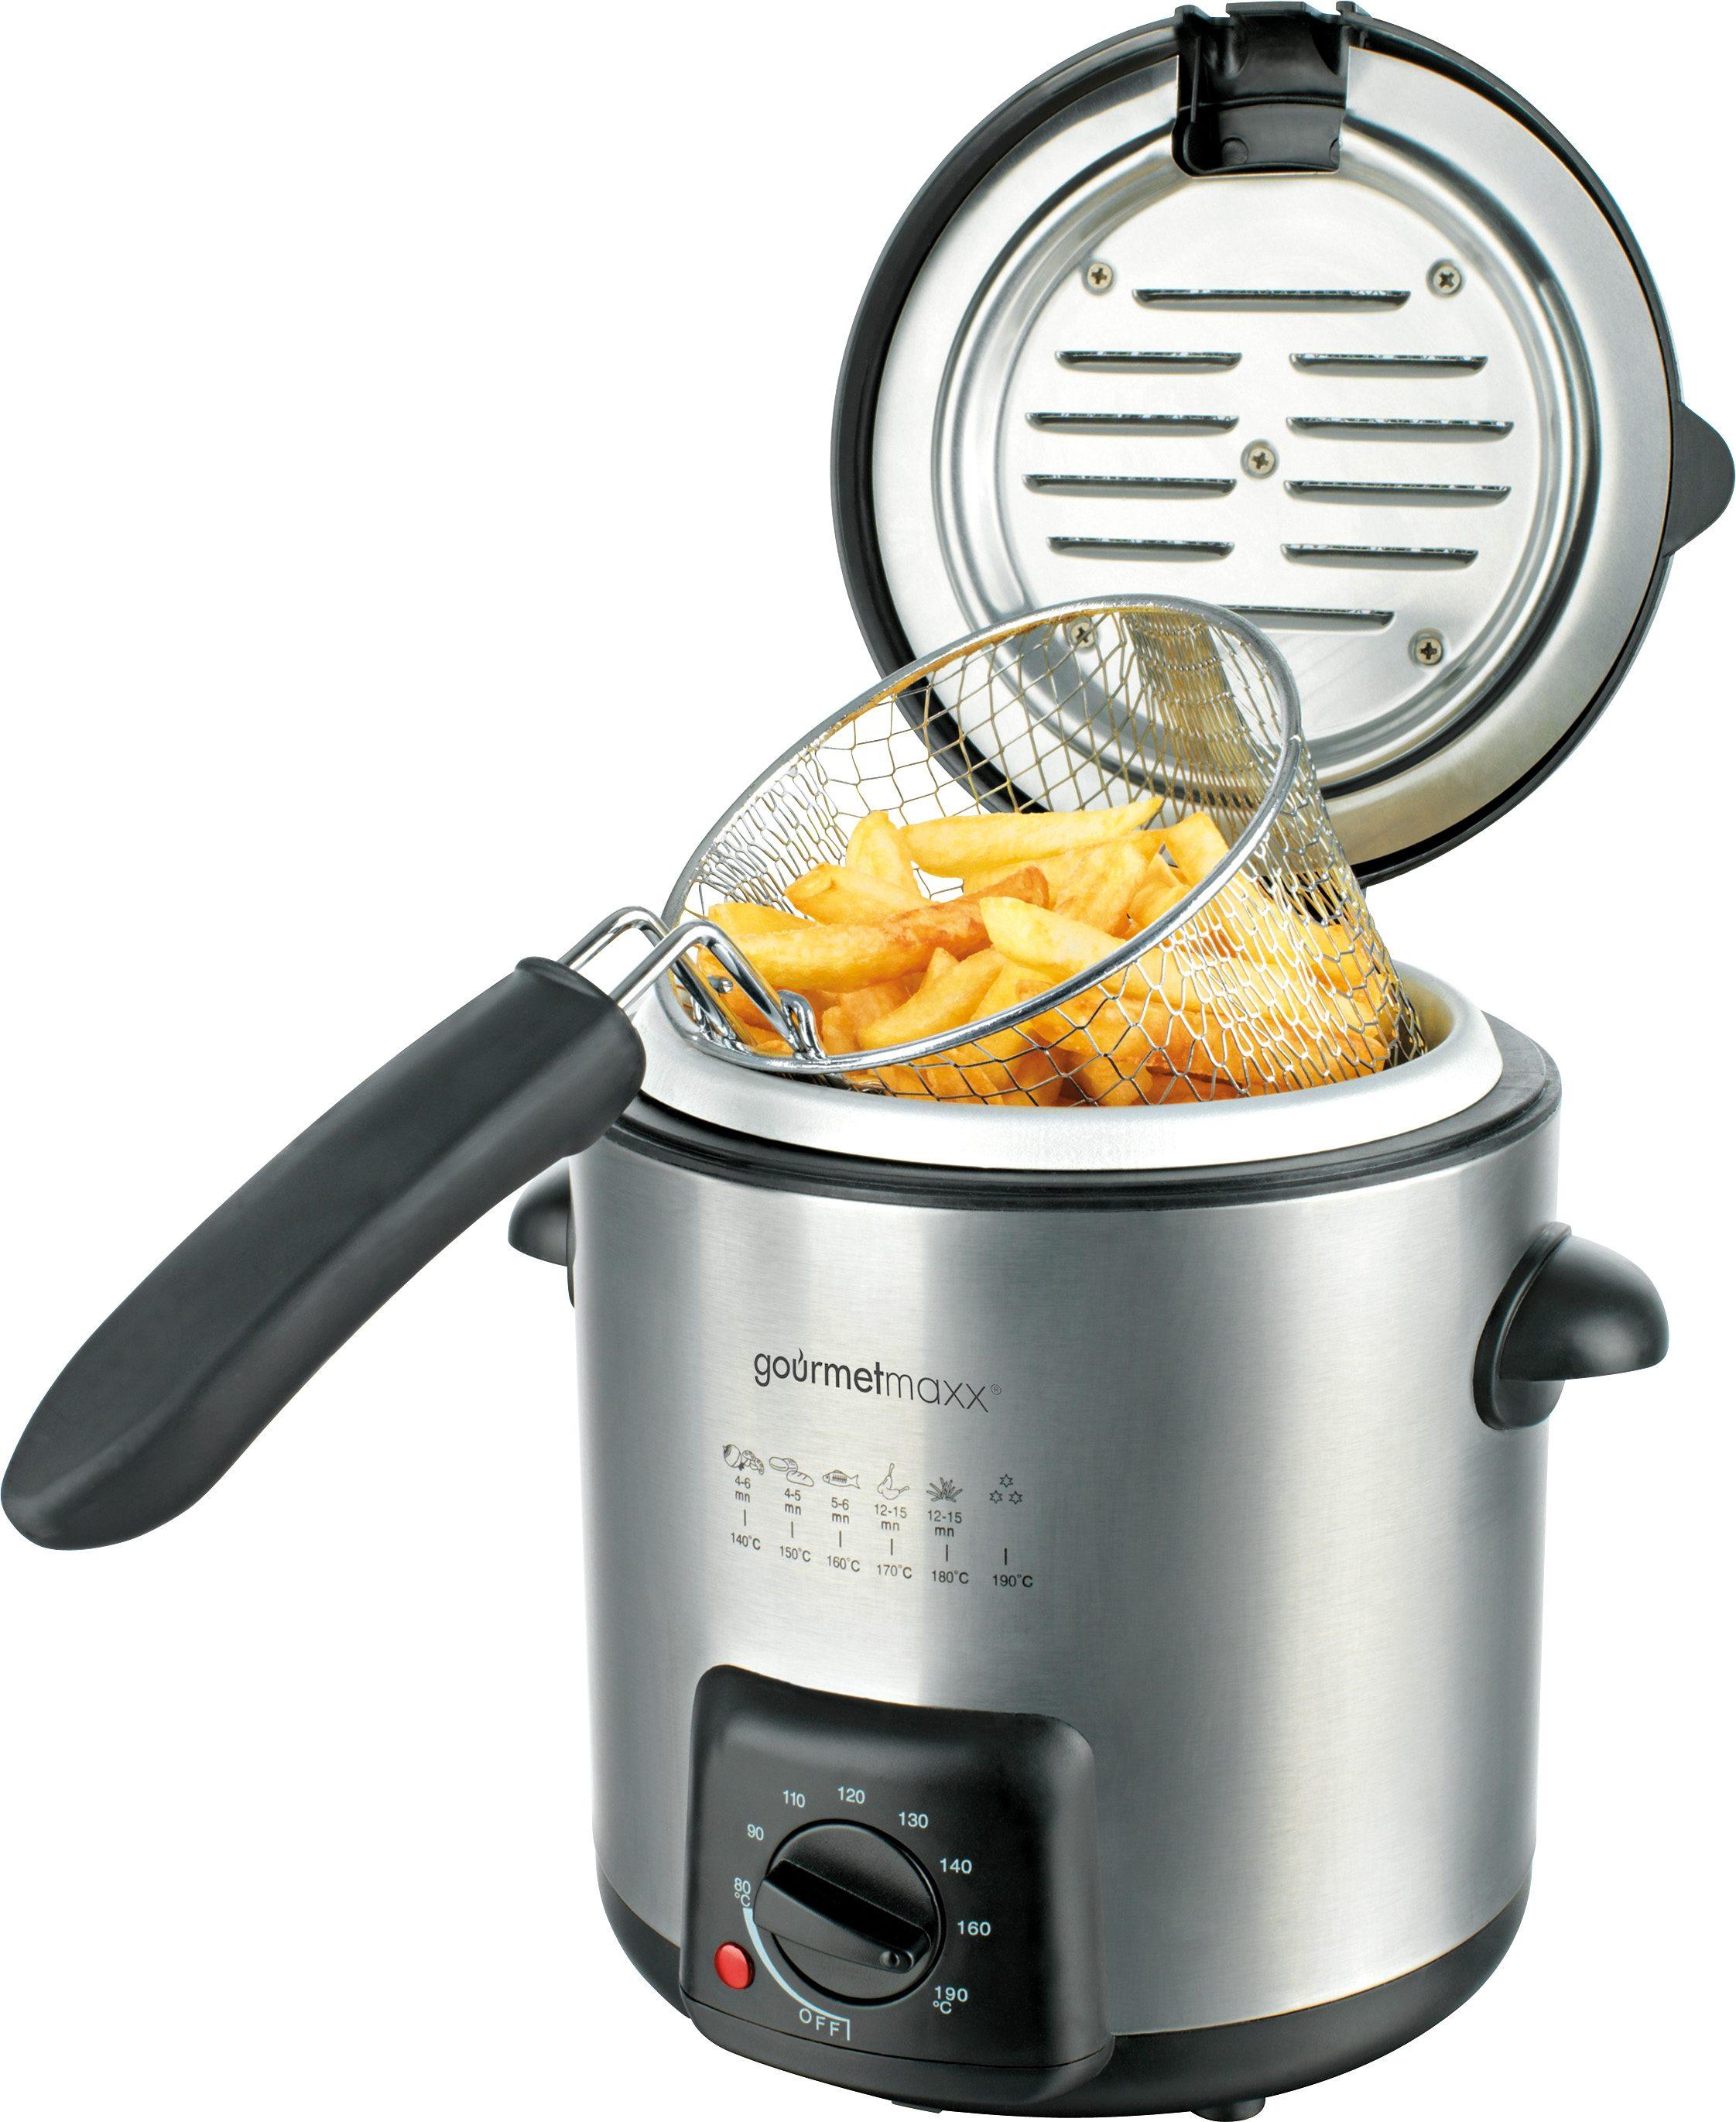 GOURMETmaxx Fritteuse Deluxe, 840 W, Frittierbehälter/ Deckel/ Korb spülmaschinengeeignet